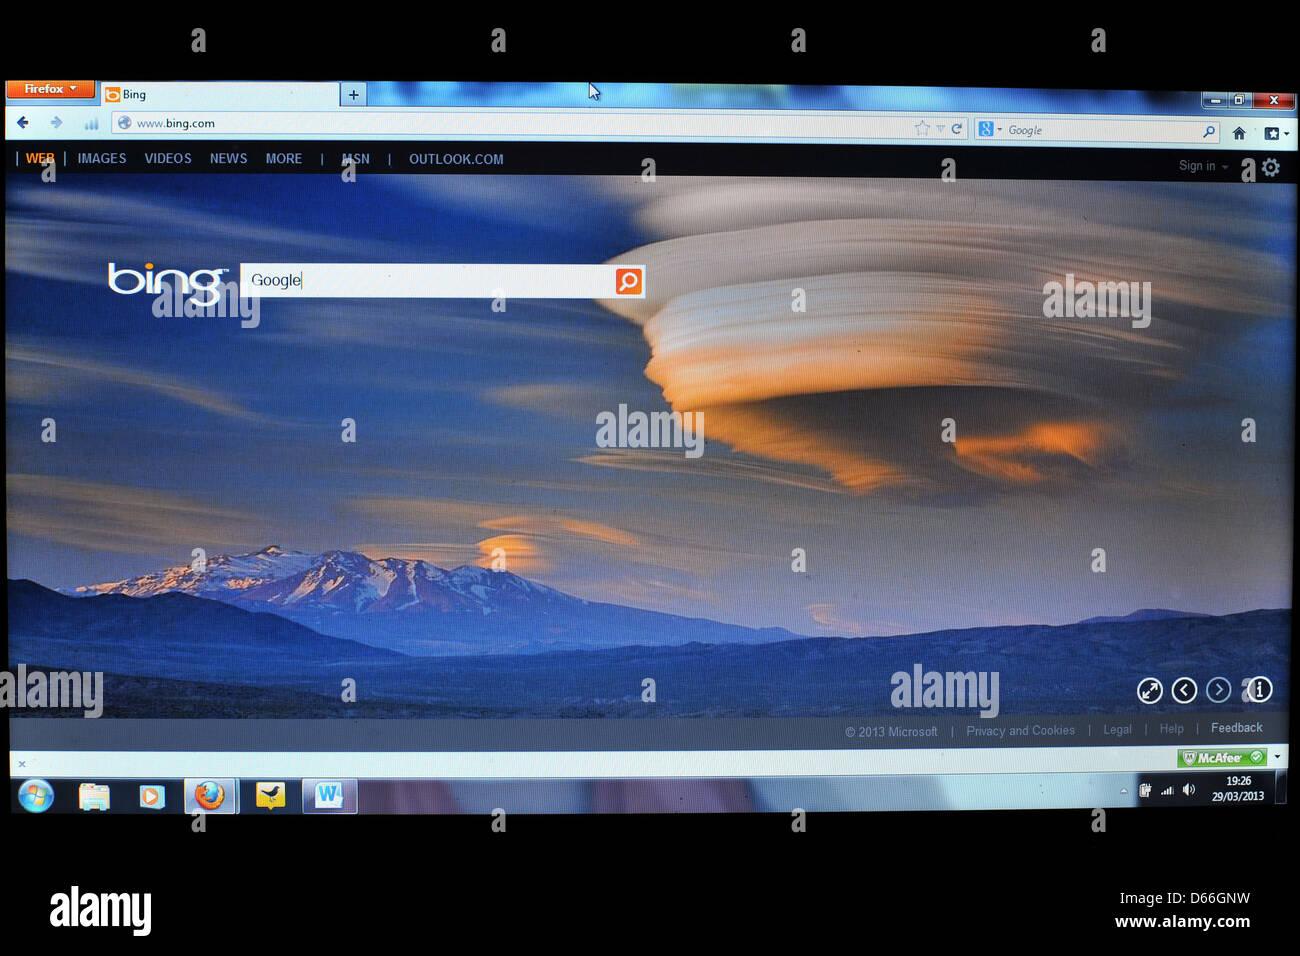 Imagen de la pantalla de una computadora que muestra la página de inicio del motor de búsqueda Bing. Imagen De Stock